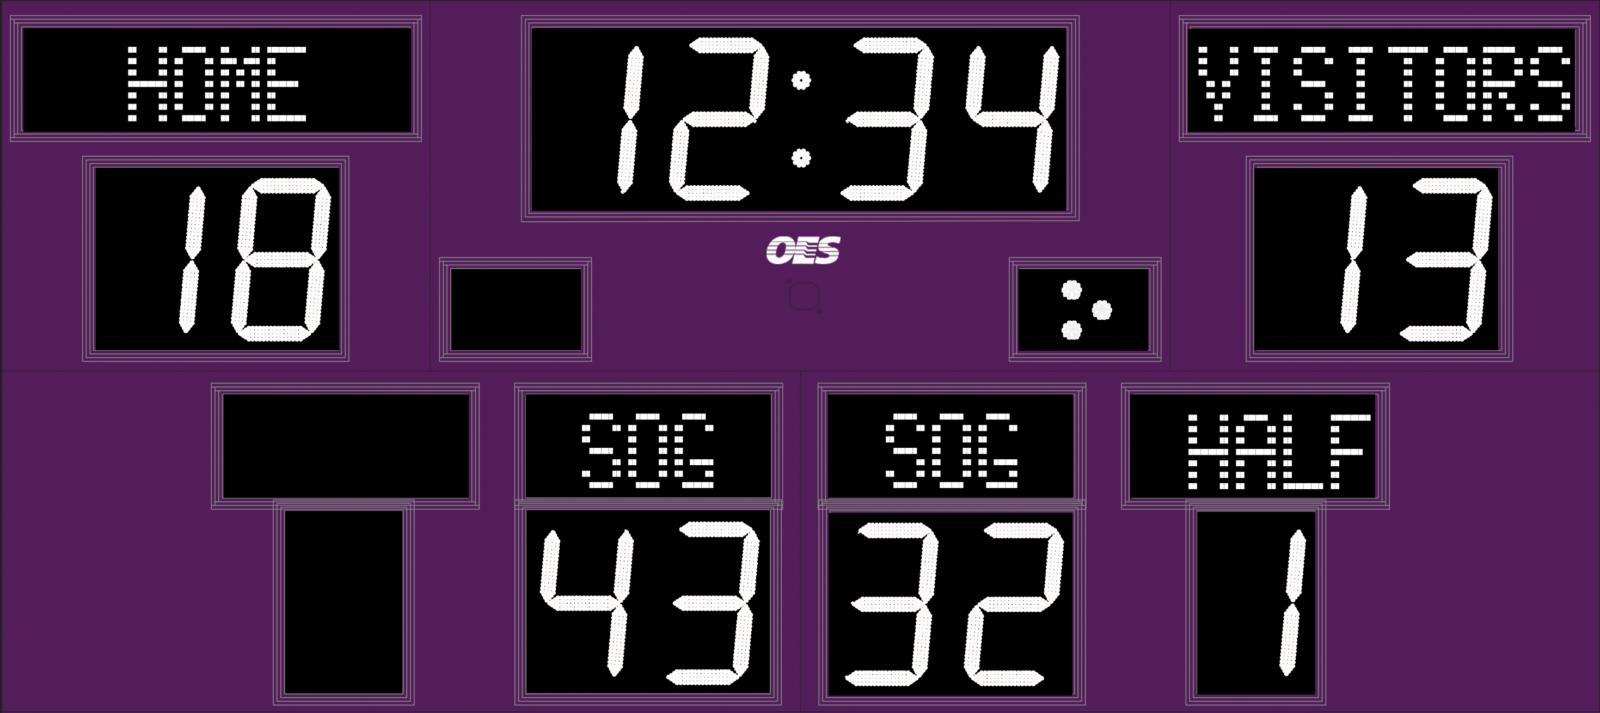 purple and white scoreboard